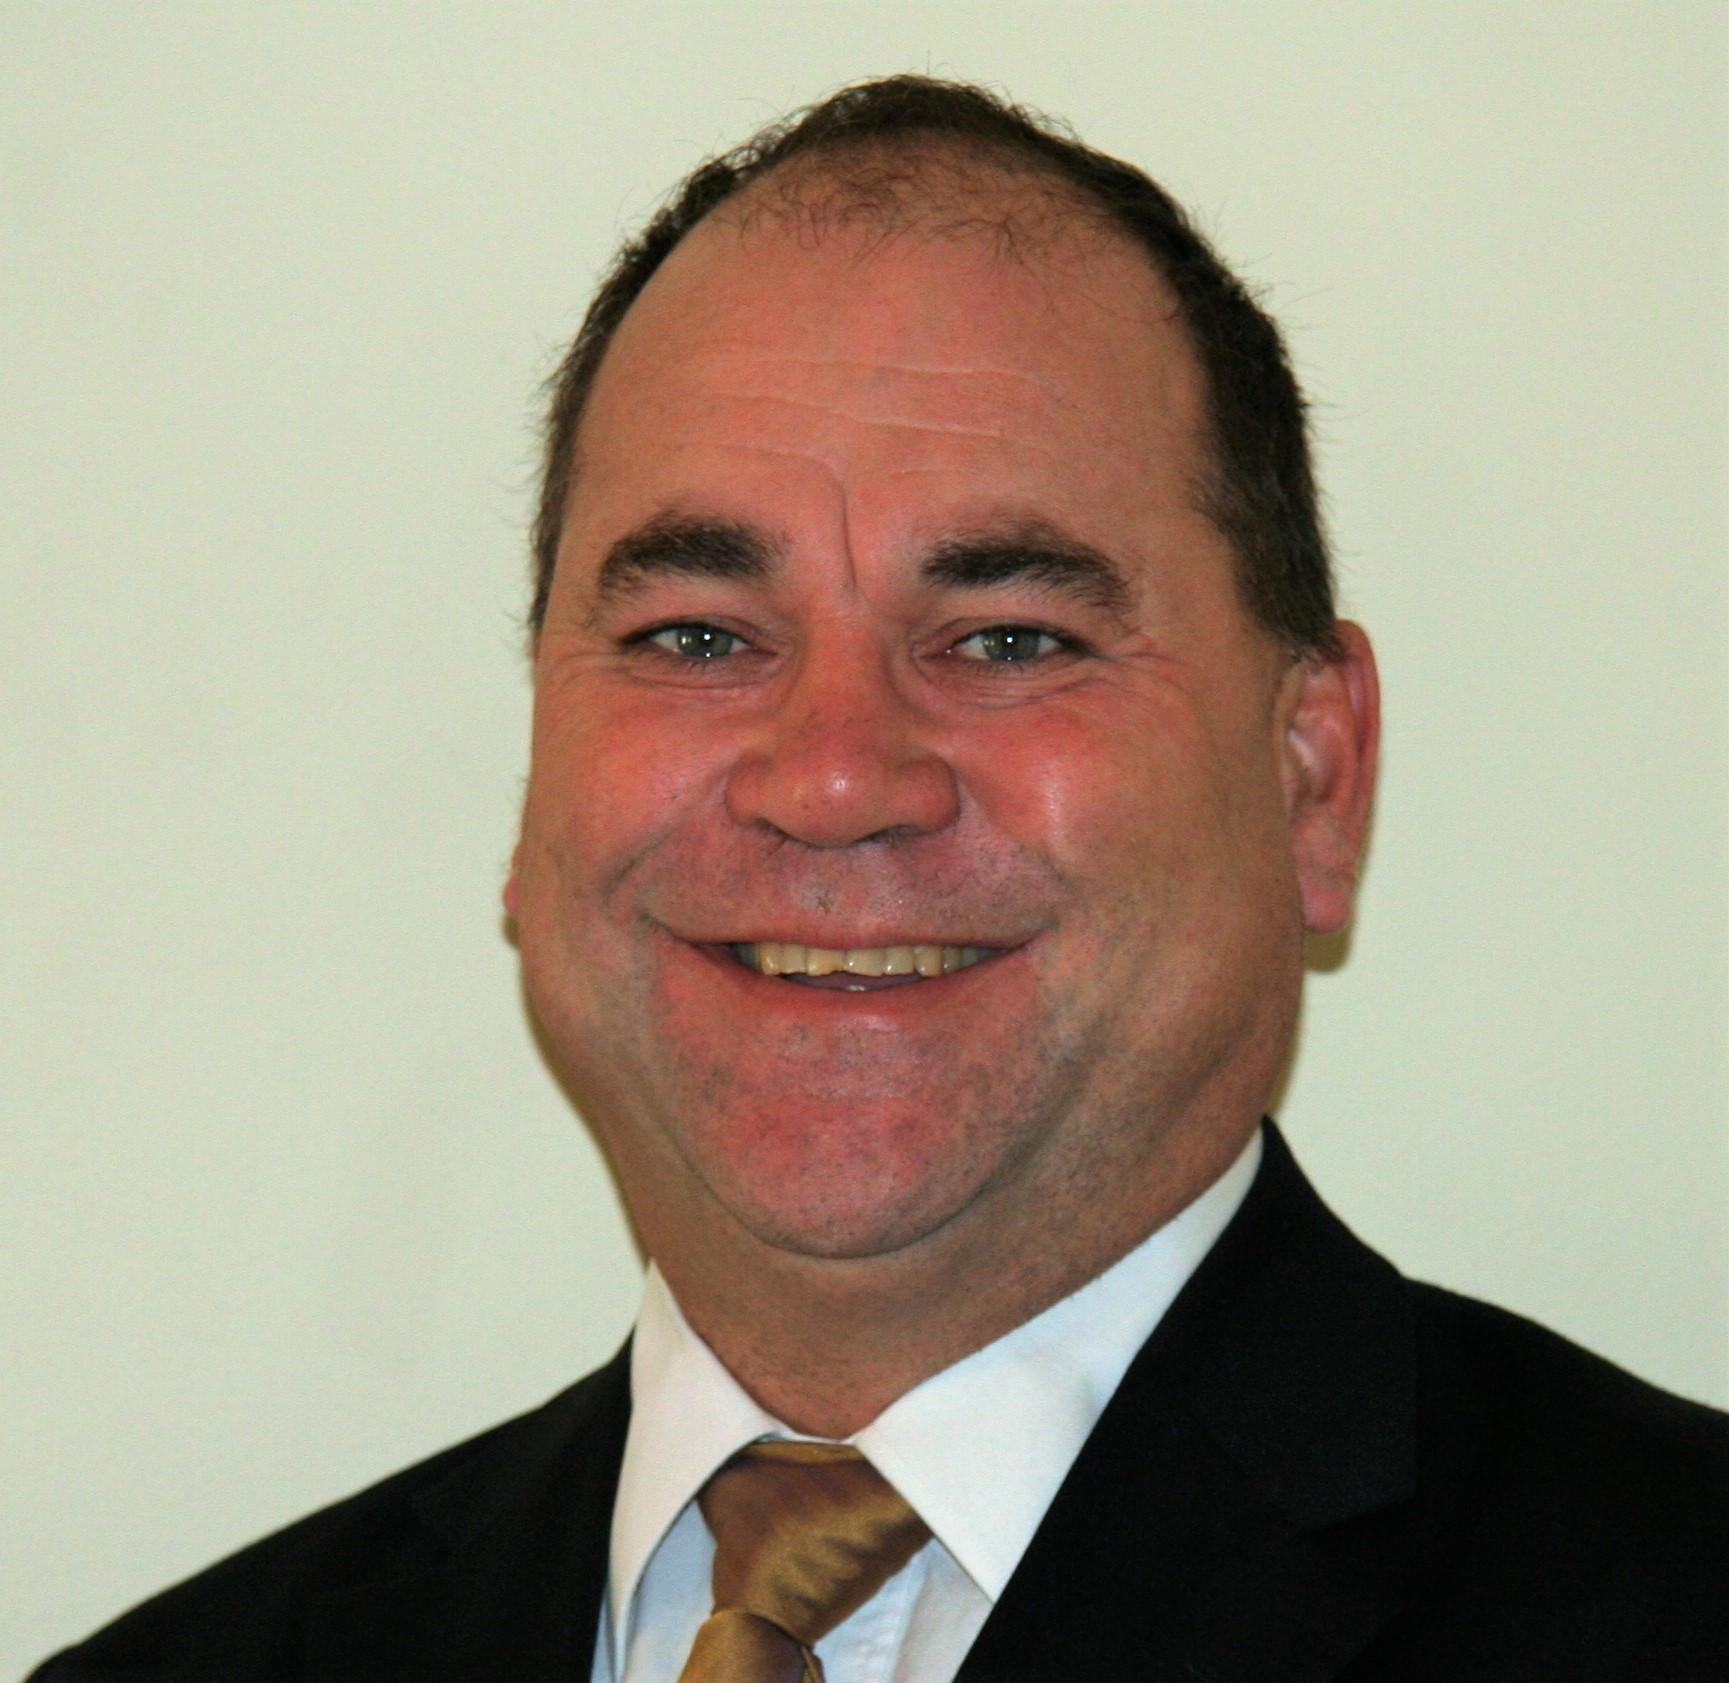 Michael Kleinig